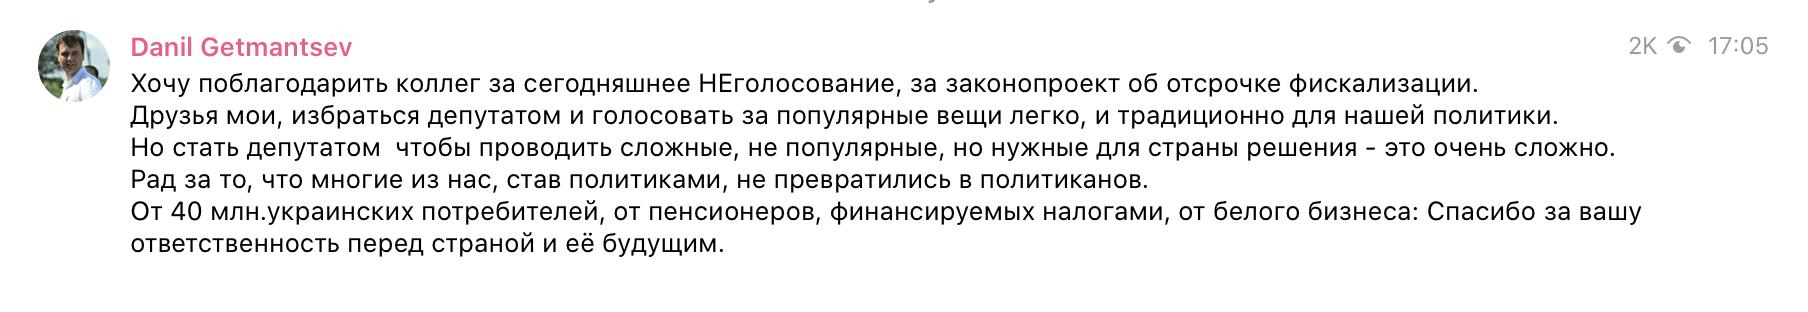 Гетманцев отреагировал на провал голосования